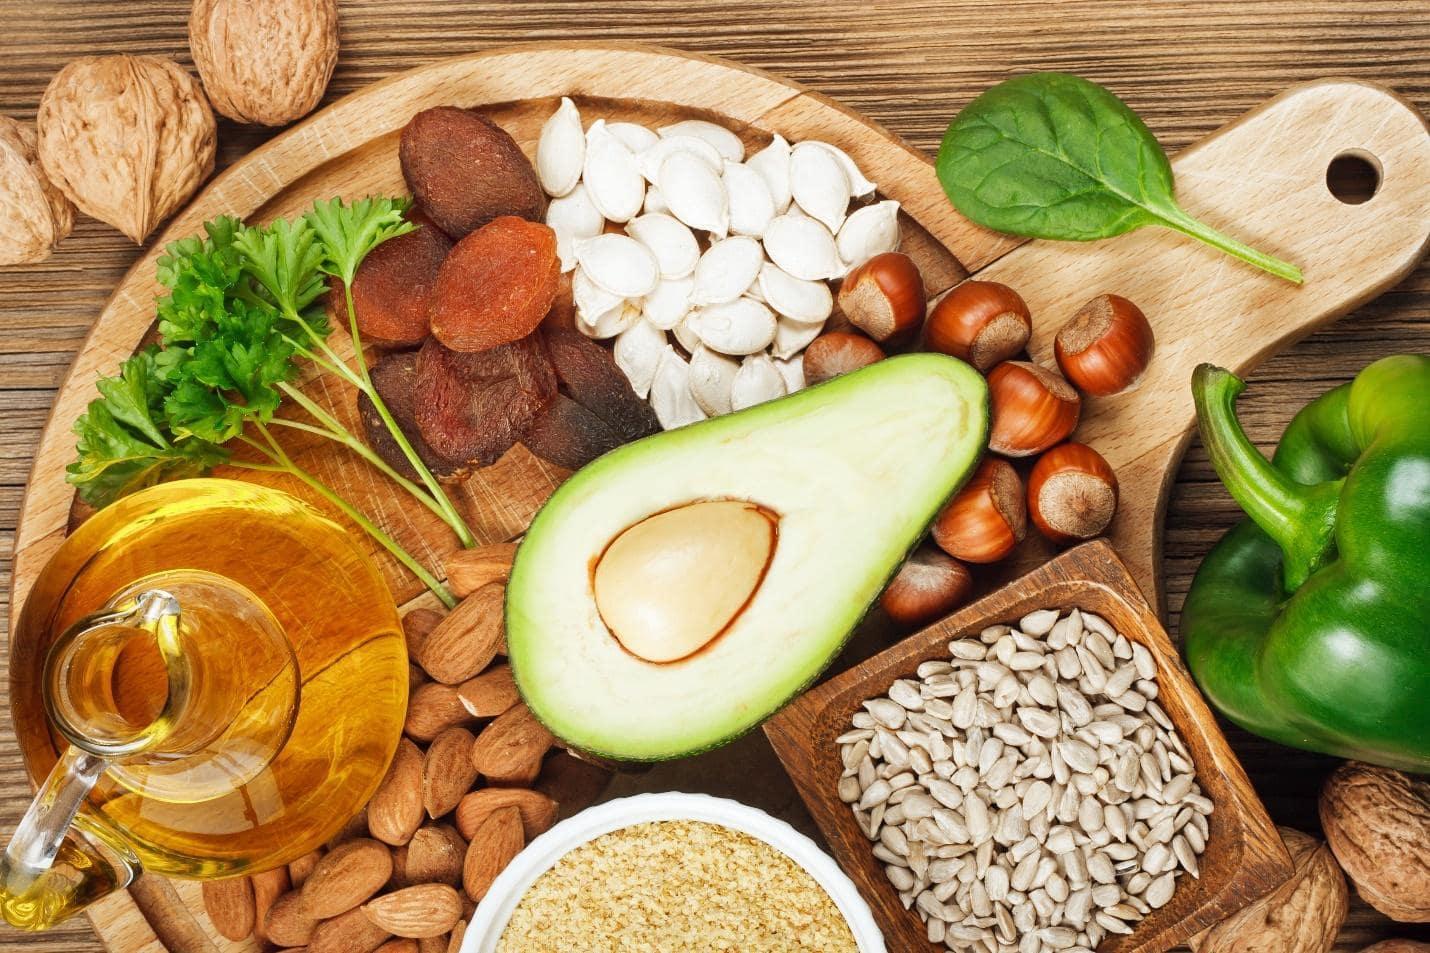 Những thực phẩm giàu vitamin E nên bổ sung cho trẻ hàng ngày